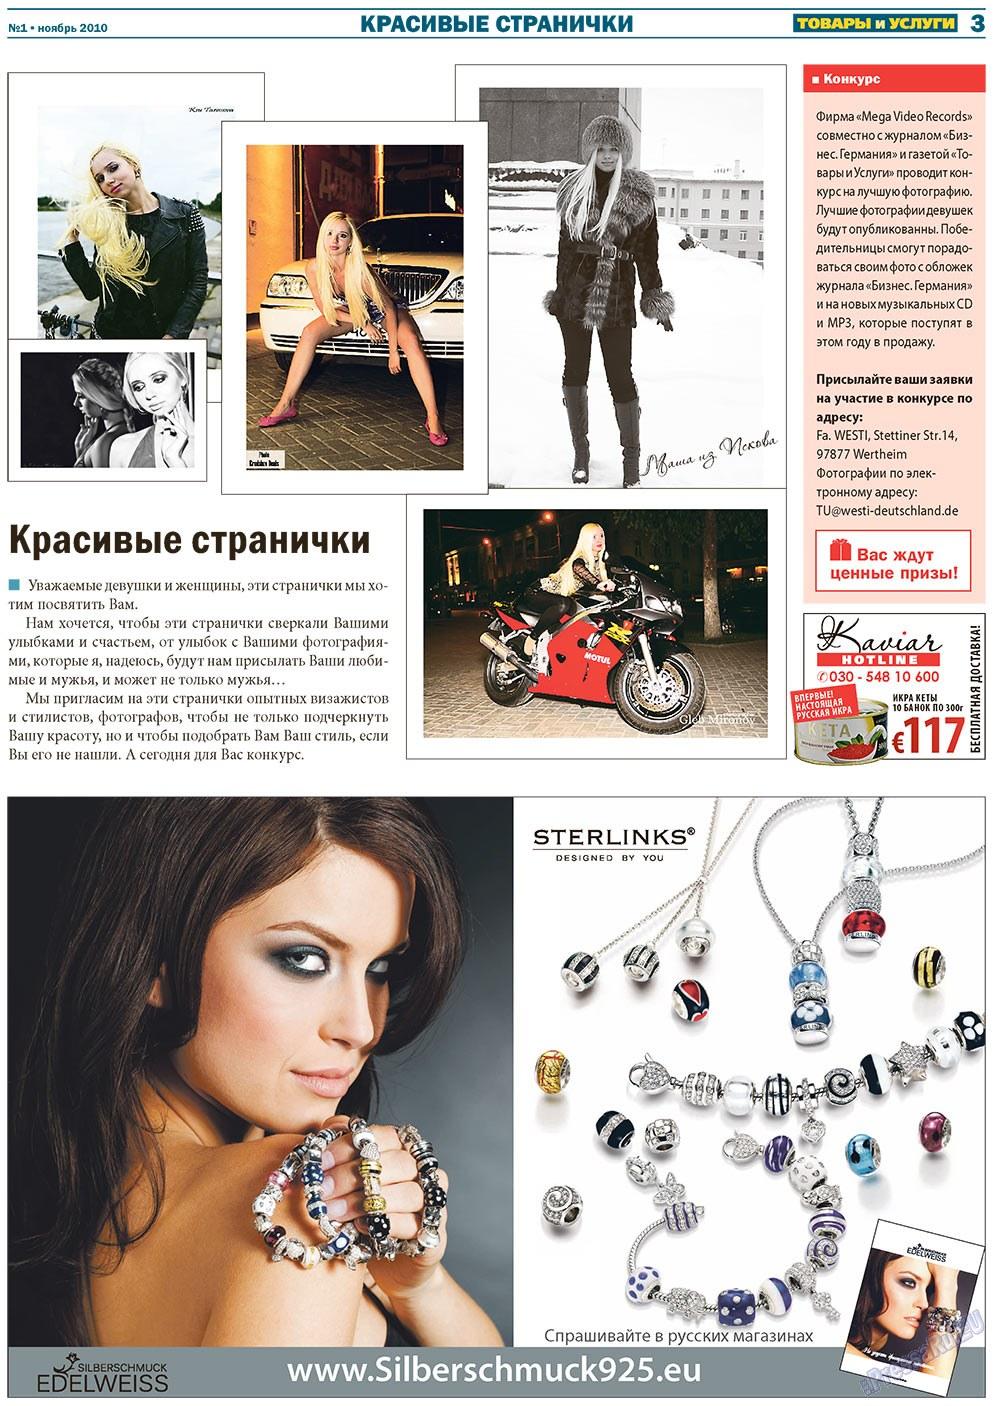 Товары и услуги (газета). 2010 год, номер 1, стр. 3